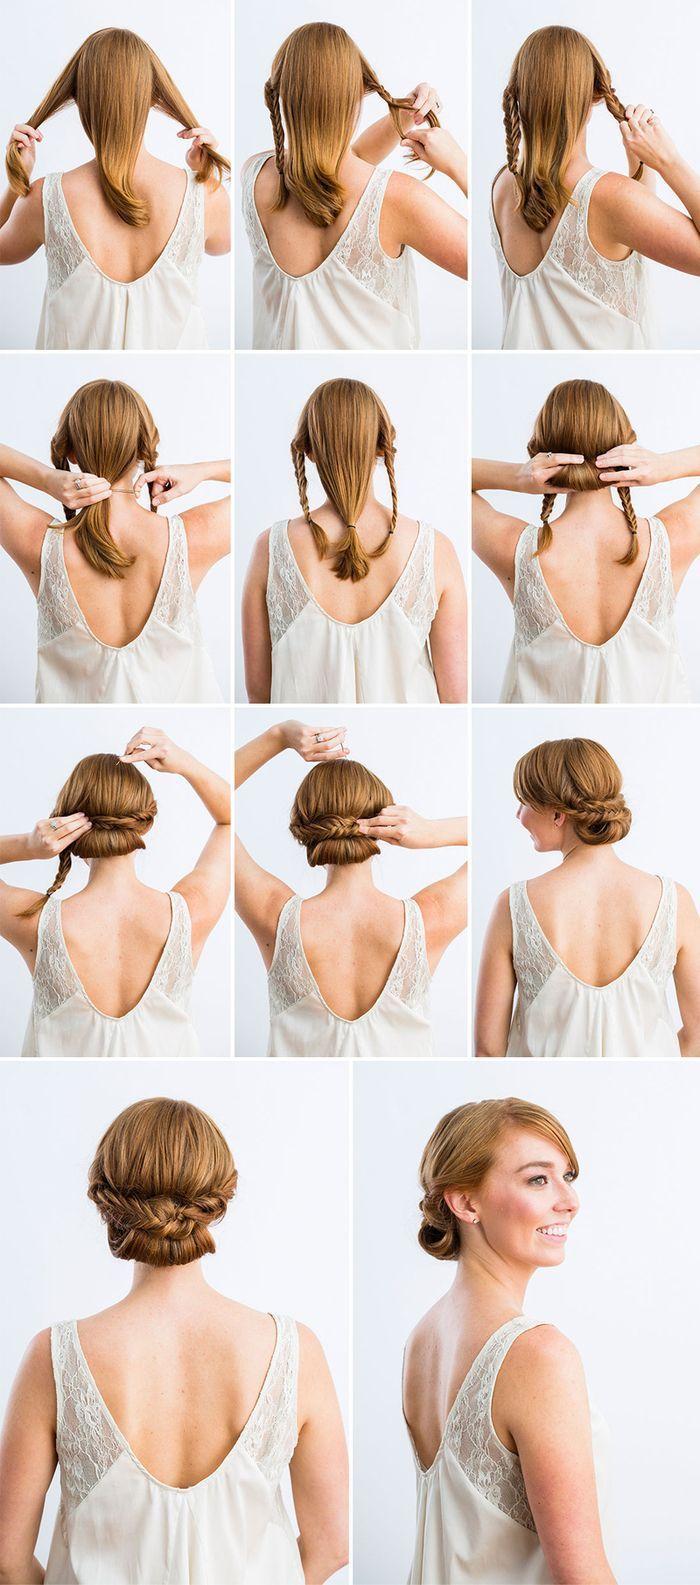 eine Anleitung, wie man die Frisur selbst schnell und unkompliziert machen kann – Haarideen